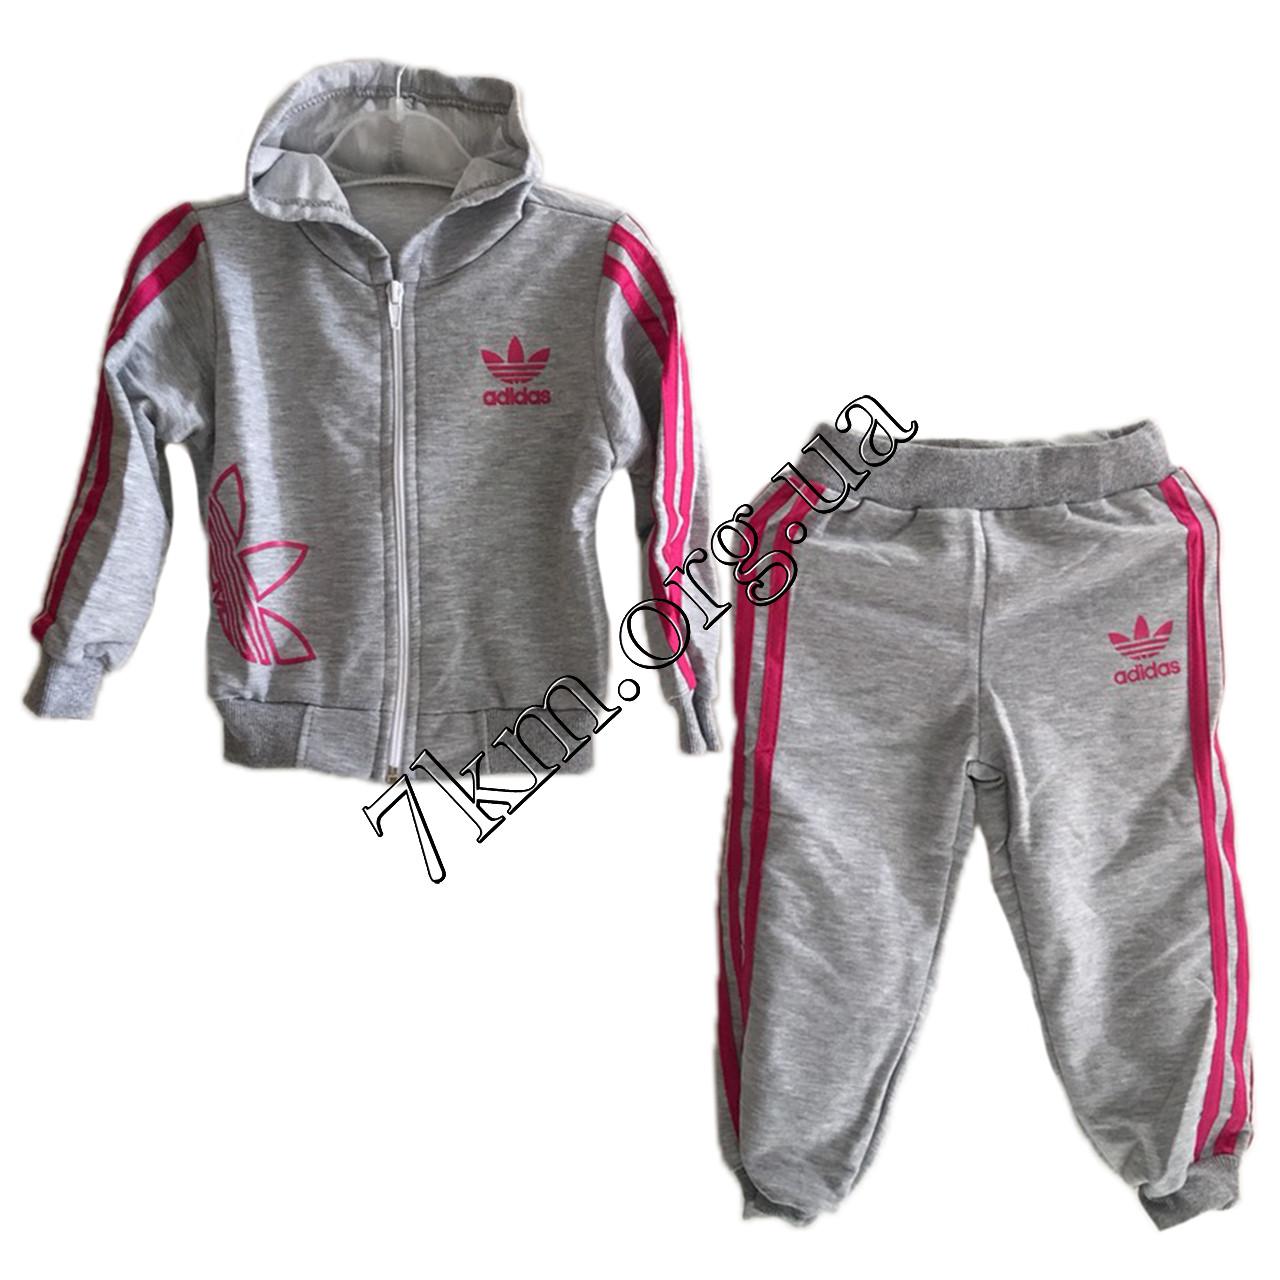 f5831a4c92f3 Спортивный костюм детский реплика